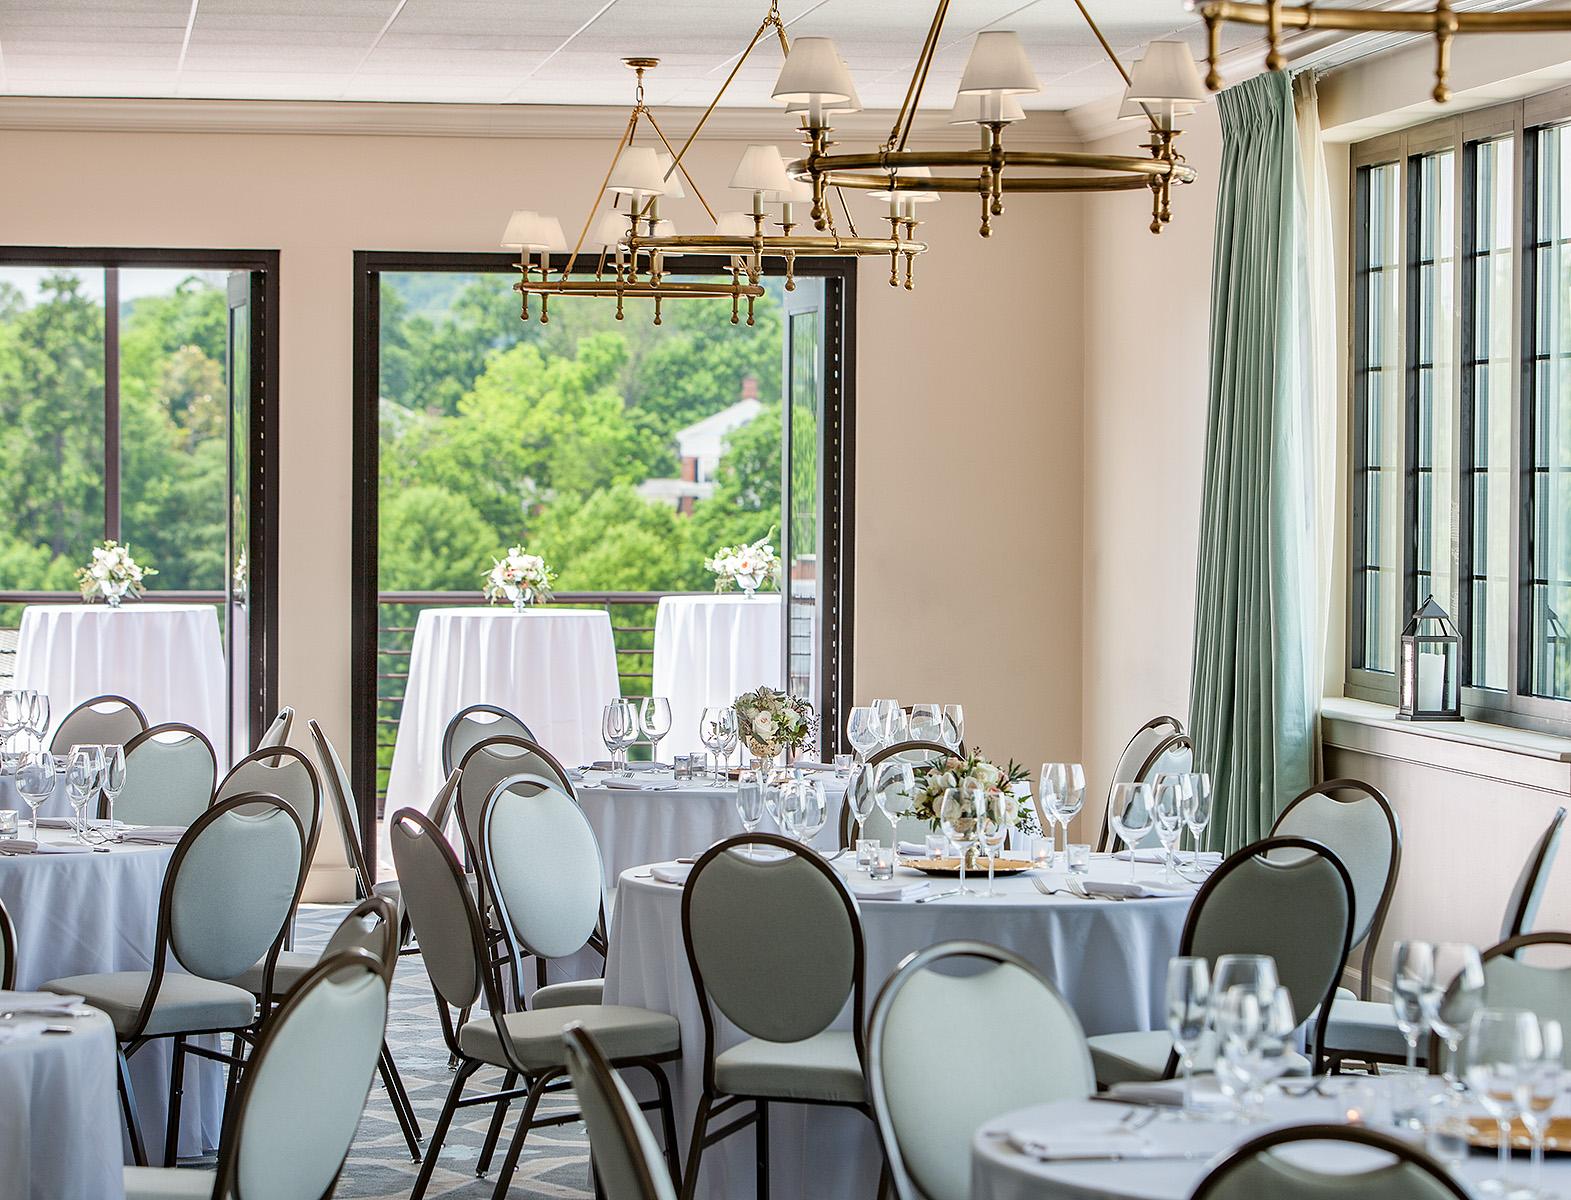 Graduate HotelCharlottesville, VA